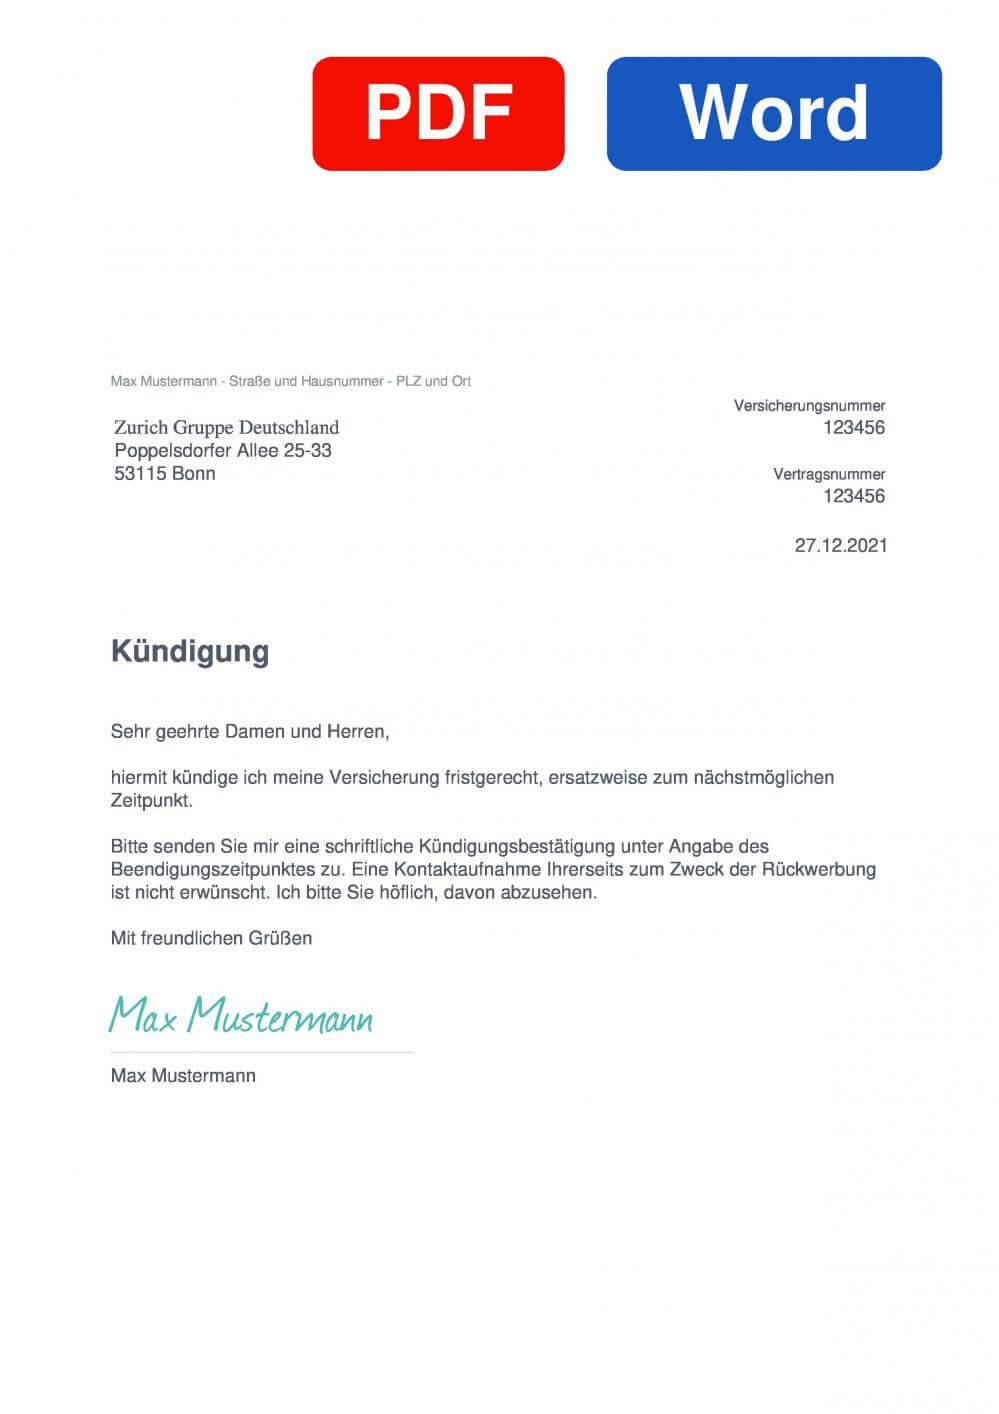 Zurich Direktversicherung Muster Vorlage für Kündigungsschreiben